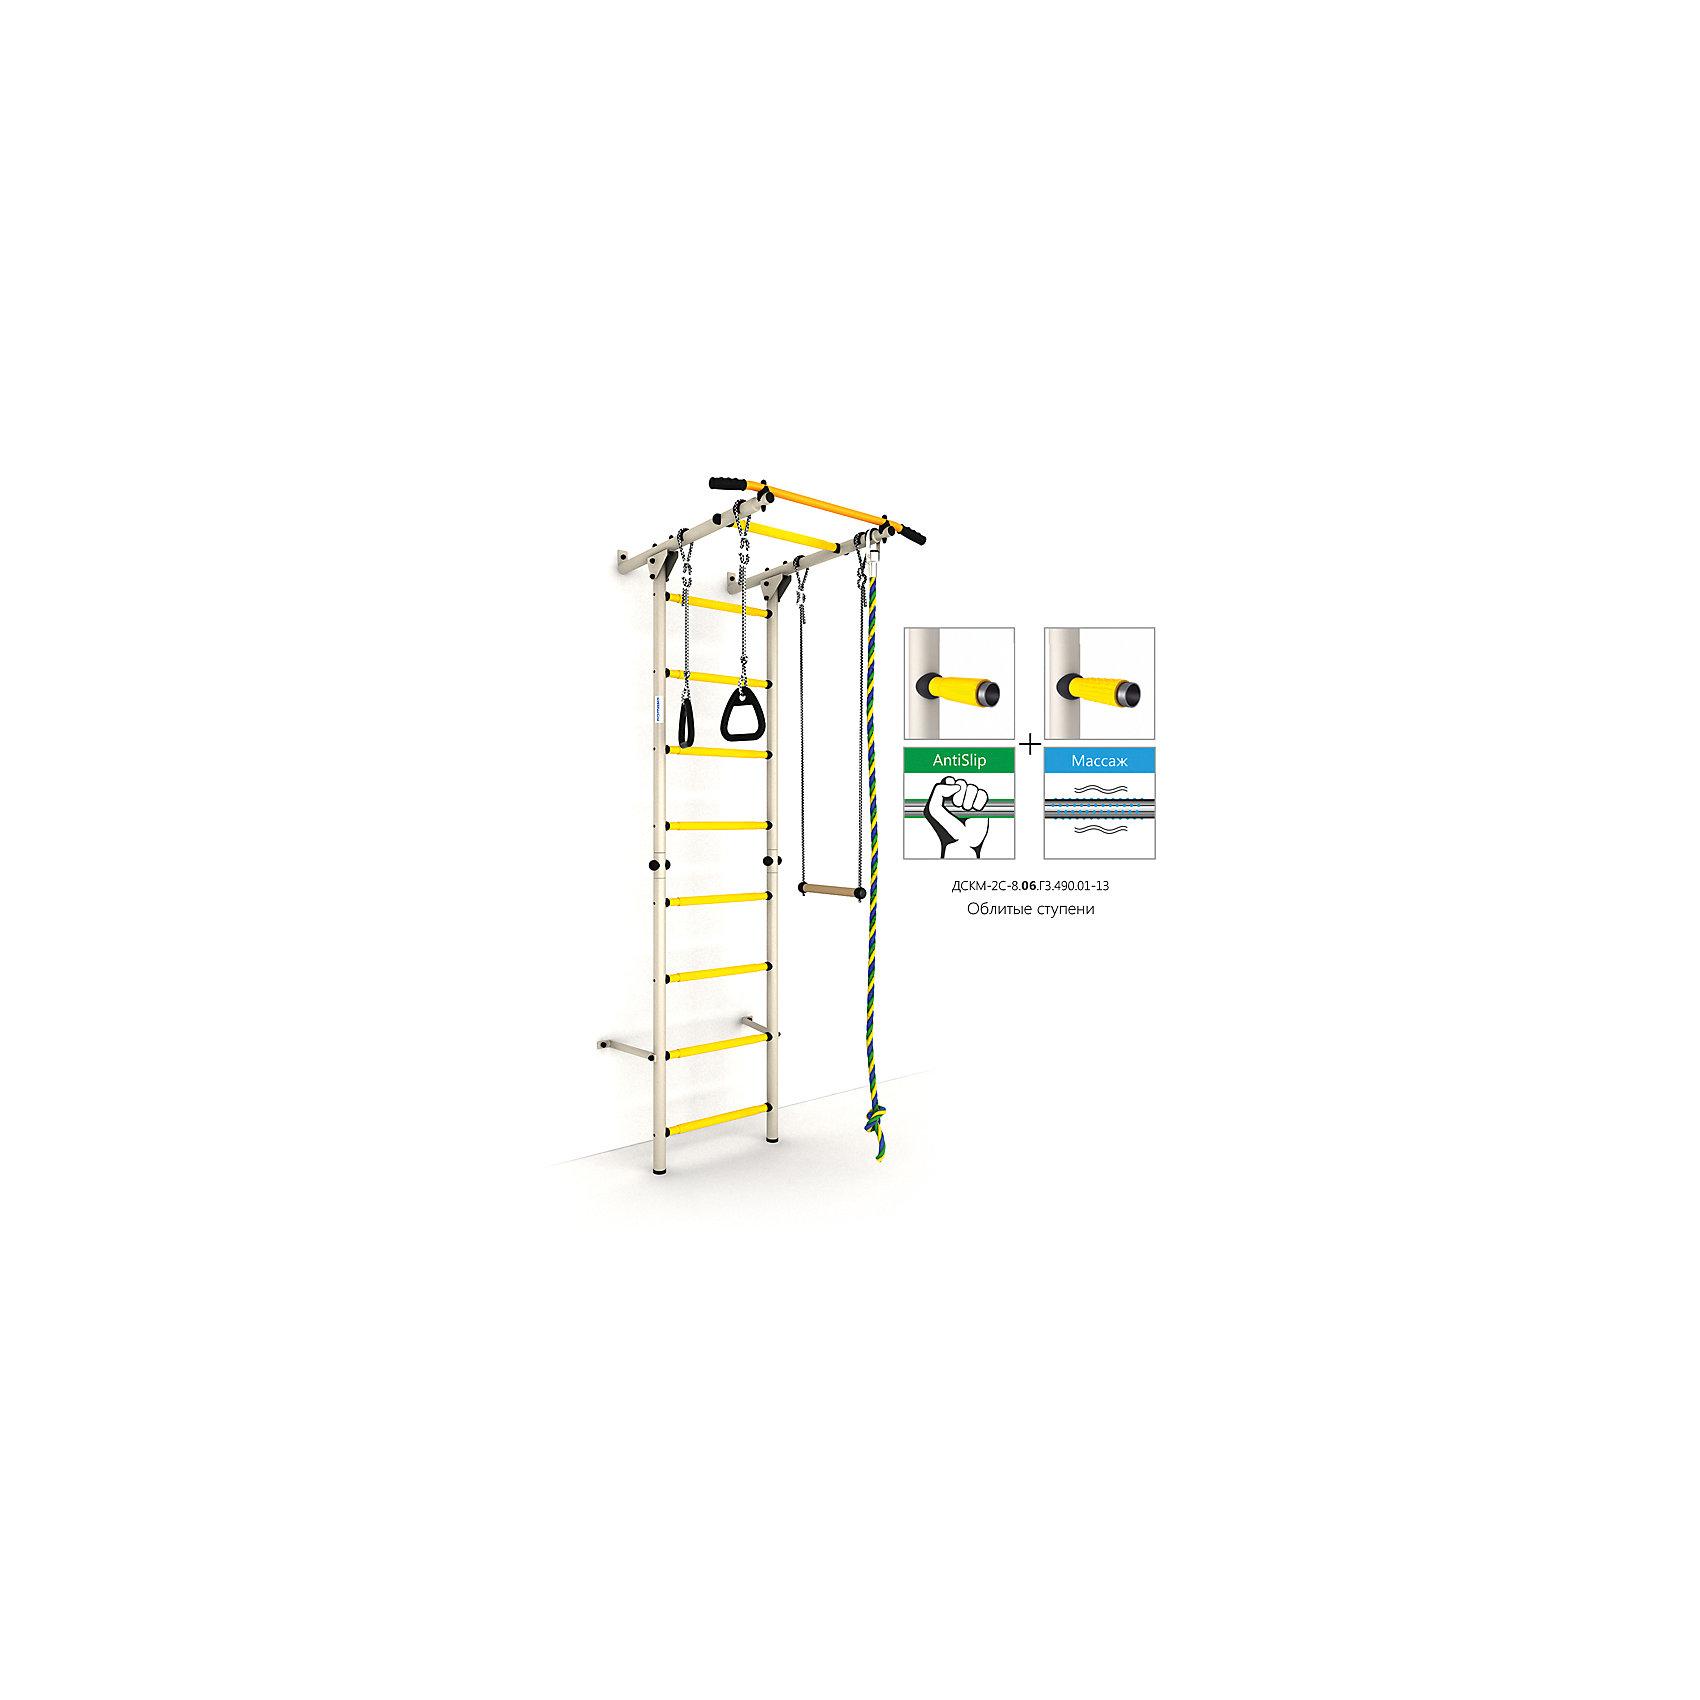 Шведская лестница Карусель S1, белый антик золотоШведские стенки<br>Карусель S1 использует внедренную ступень antislip (антискользящая), обеспечивающая более крепкий хват. Микромассажный эффект остальных ступеней помогает развитию общей моторики детей и является профилактикой плоскостопия.<br><br>Ширина мм: 1160<br>Глубина мм: 610<br>Высота мм: 140<br>Вес г: 18000<br>Возраст от месяцев: 36<br>Возраст до месяцев: 192<br>Пол: Унисекс<br>Возраст: Детский<br>SKU: 5251548